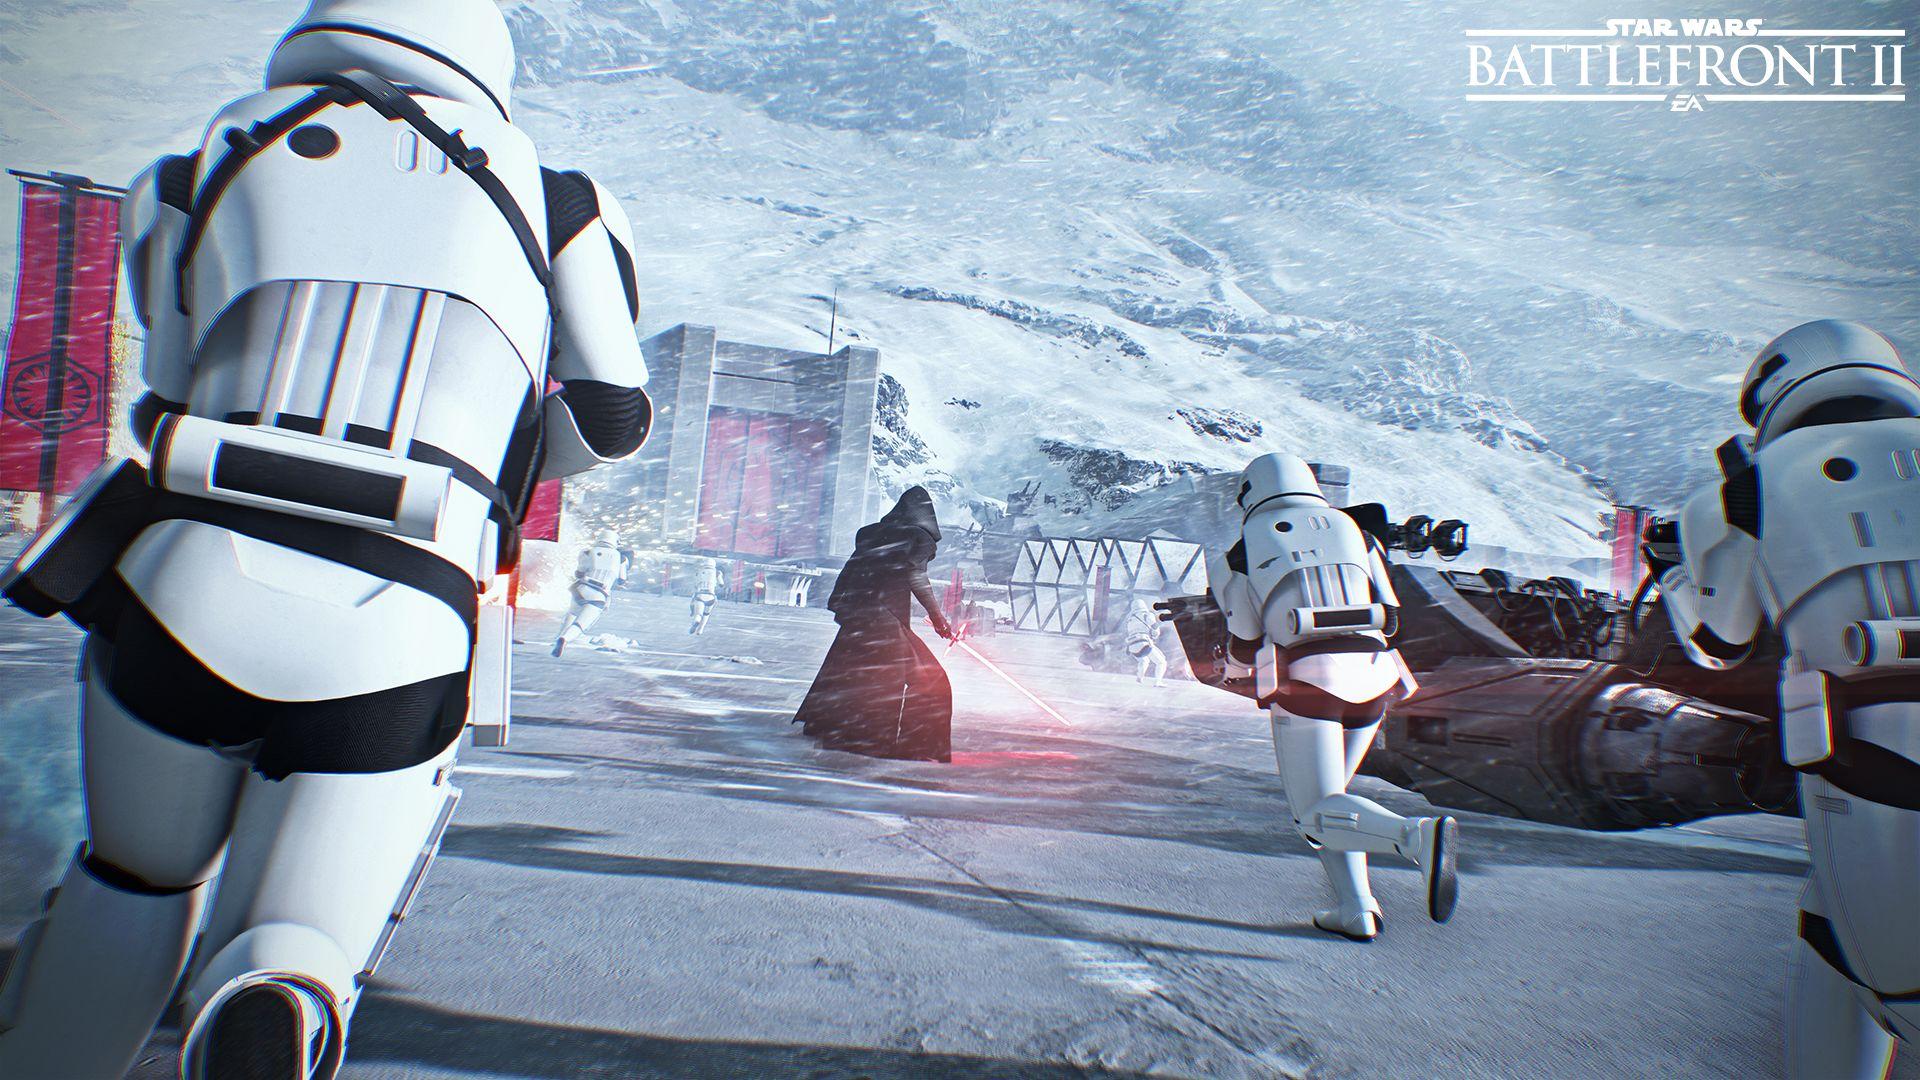 První trailer láká na Star Wars: Battlefront 2, hra vyjde 17. listopadu 142265